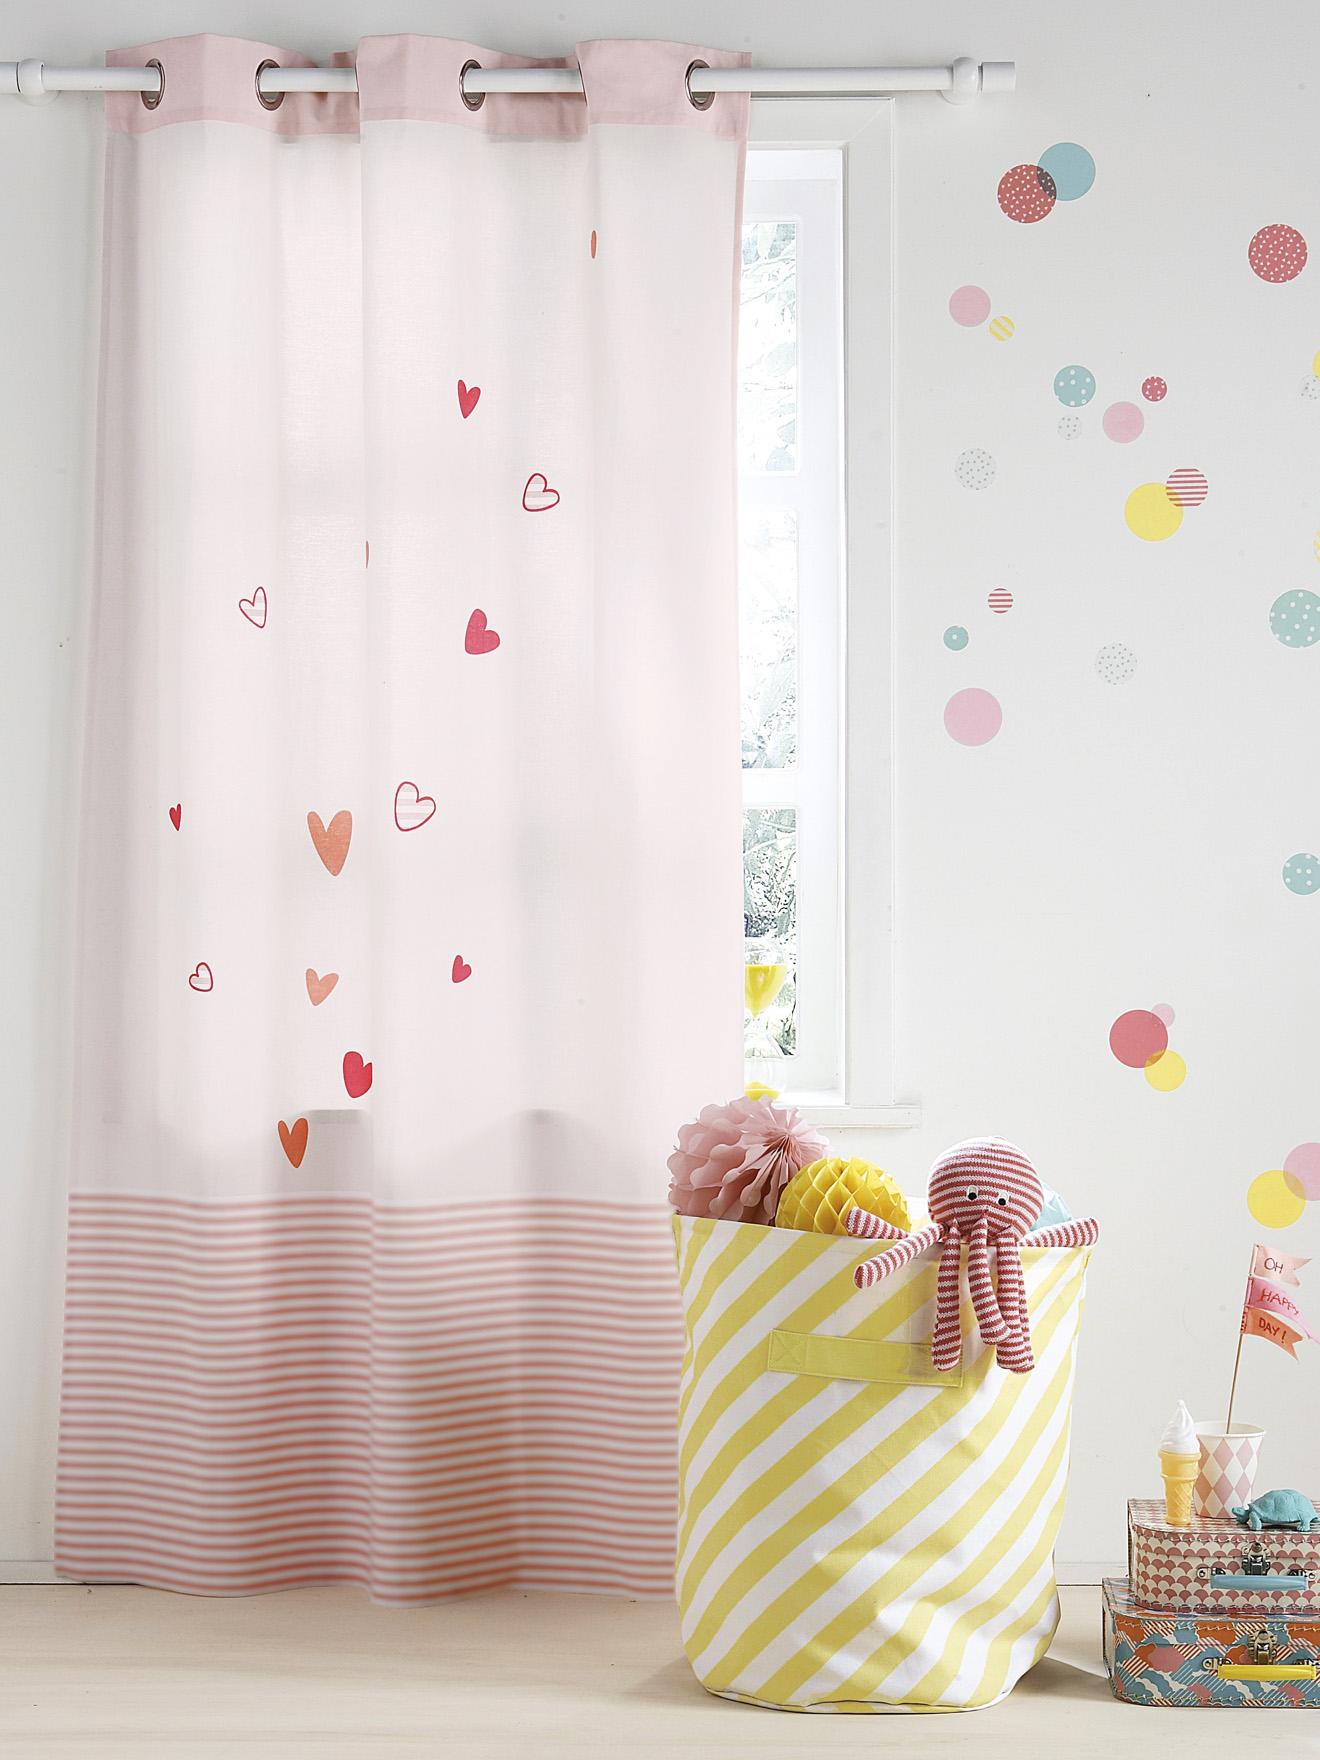 Дизайн штор для детской комнаты с сердечками